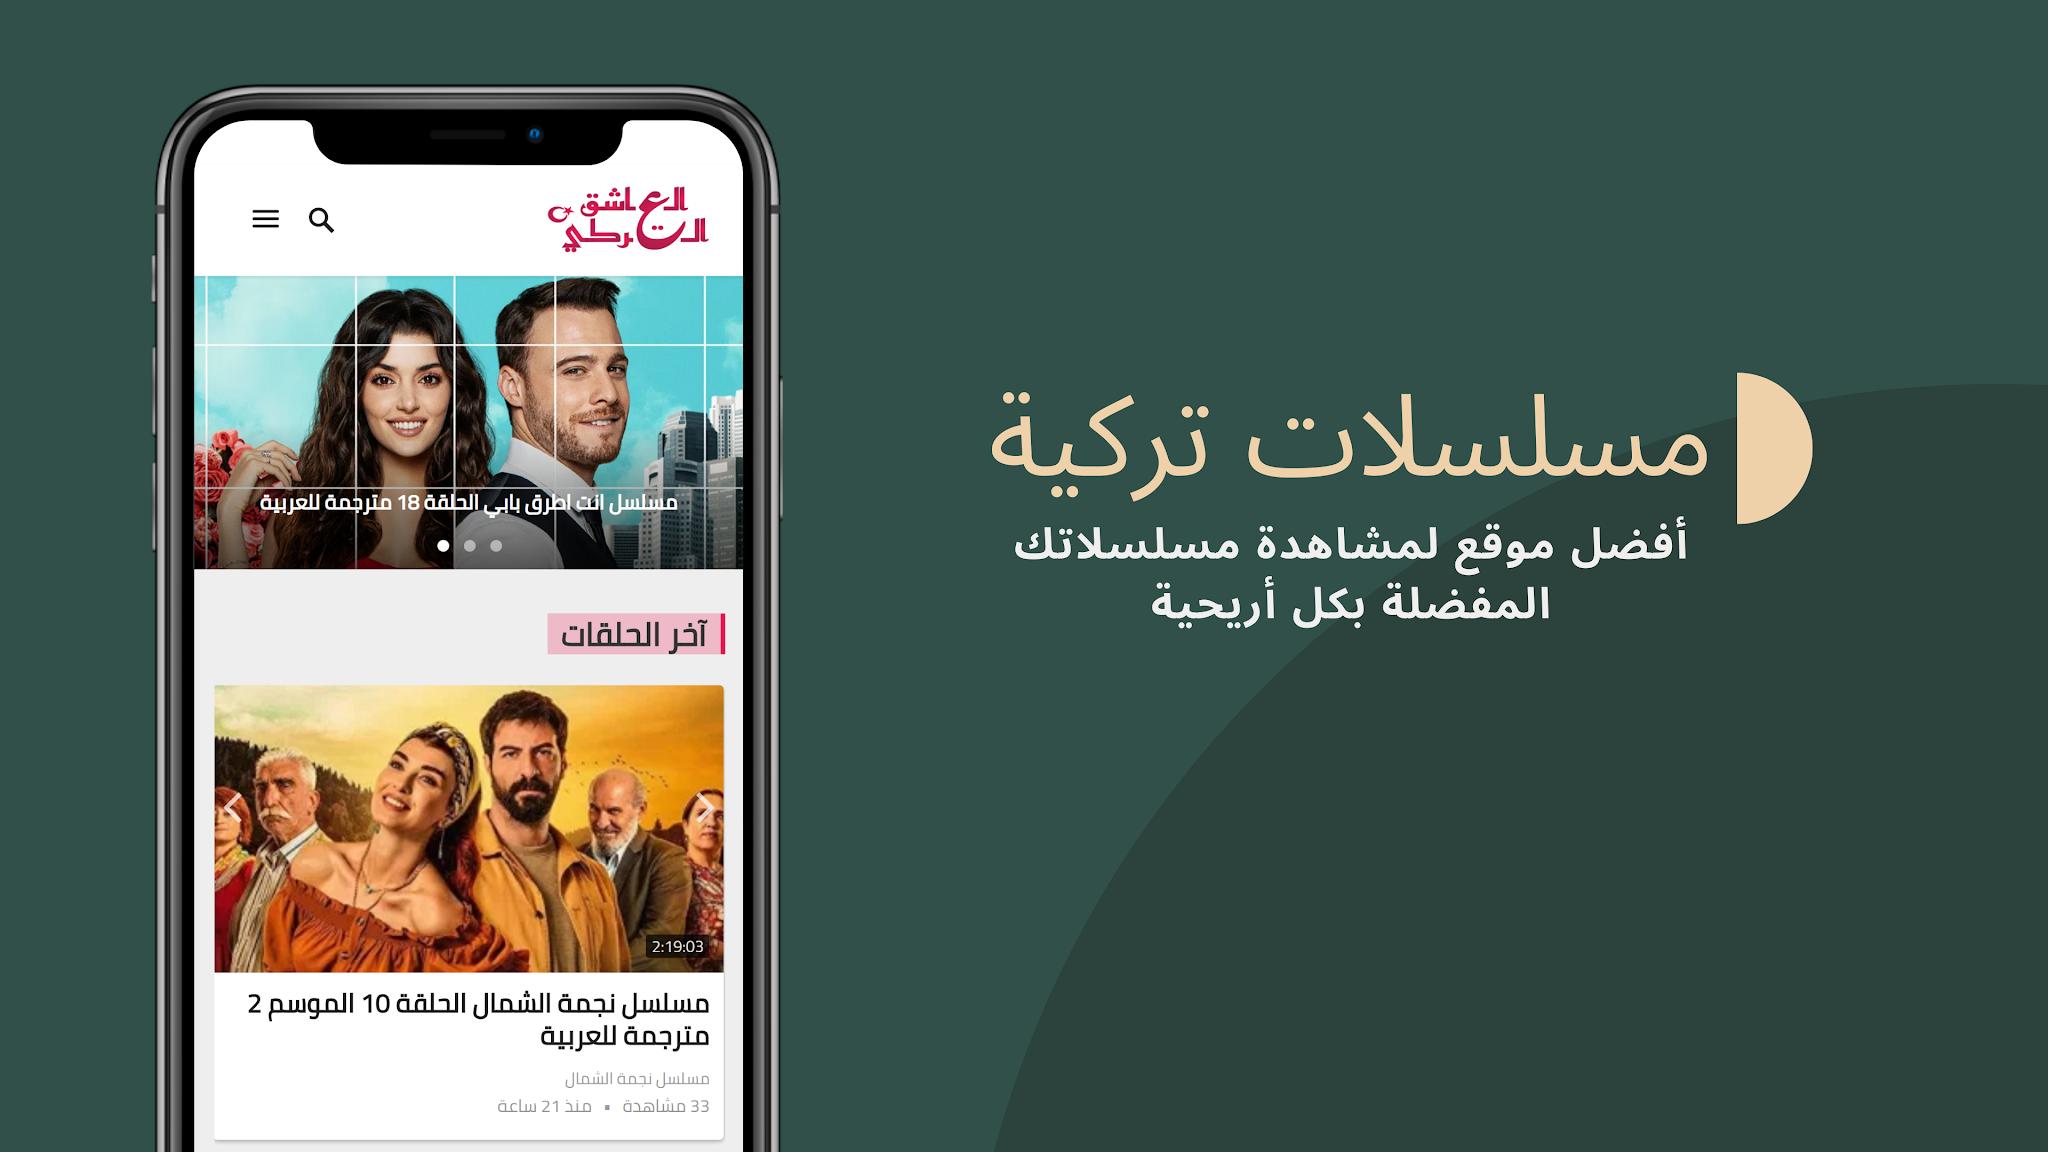 المسلسلات التركية تنجح